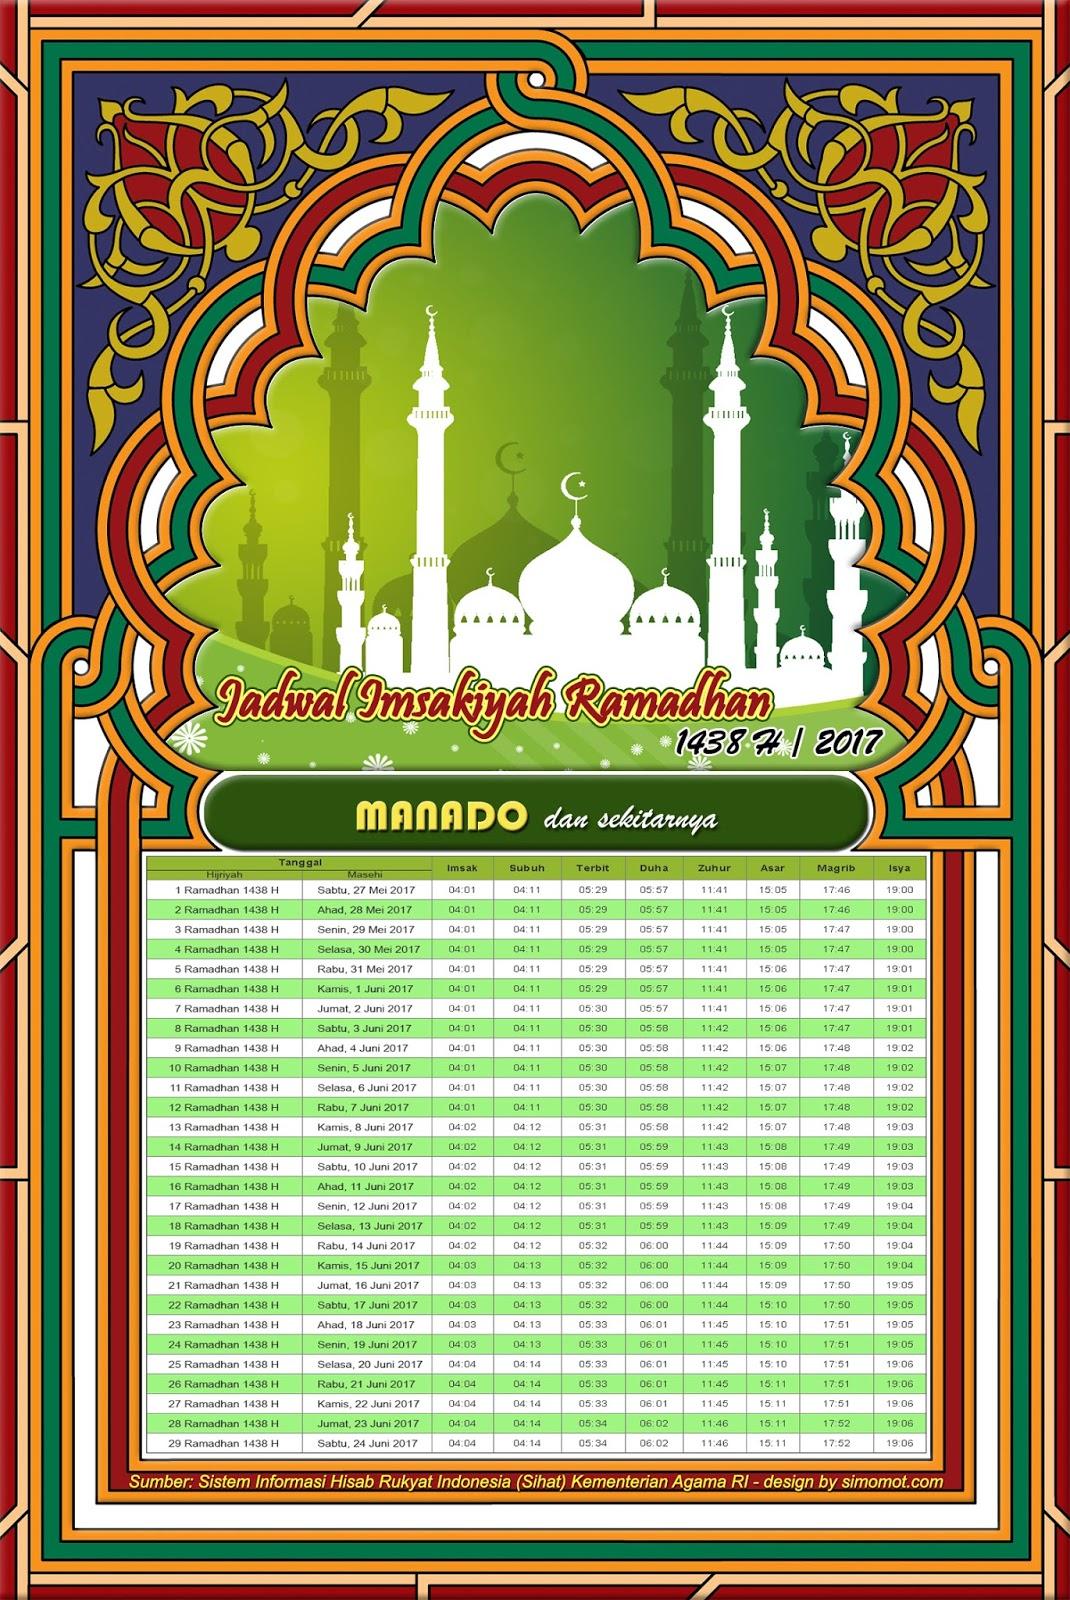 Jadwal Imsakiyah Manado 2017/1438 H